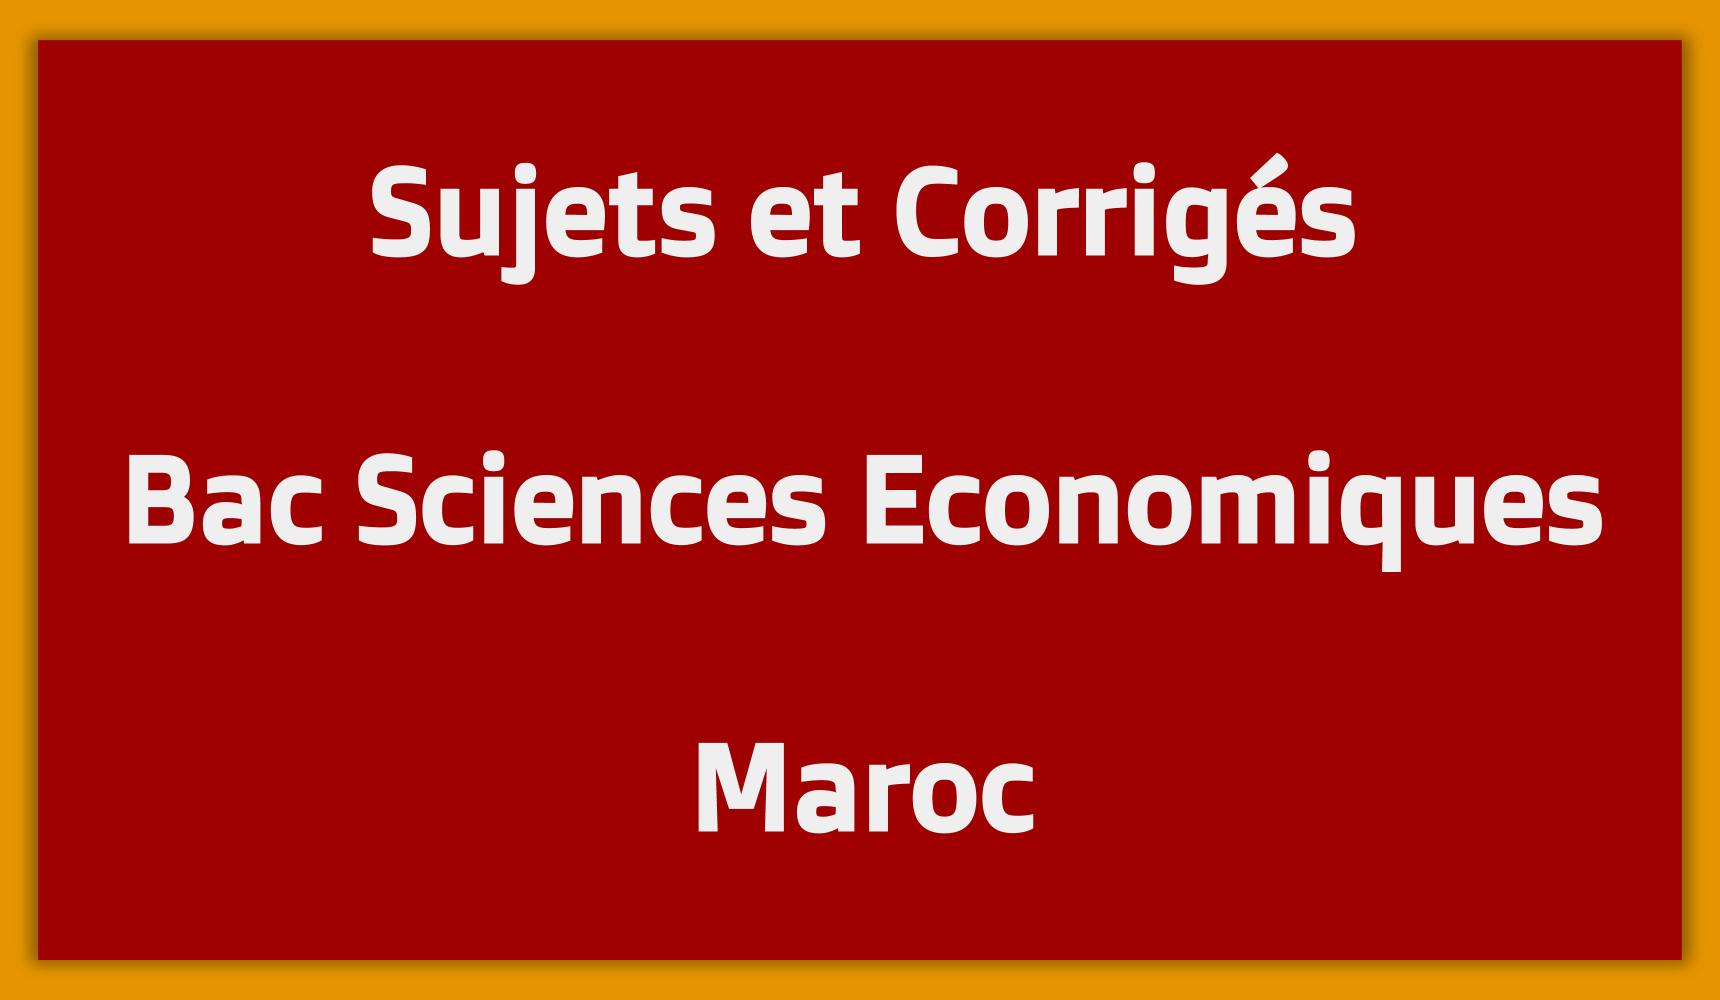 Sujets Corrigés Bac Sciences Economiques Maroc